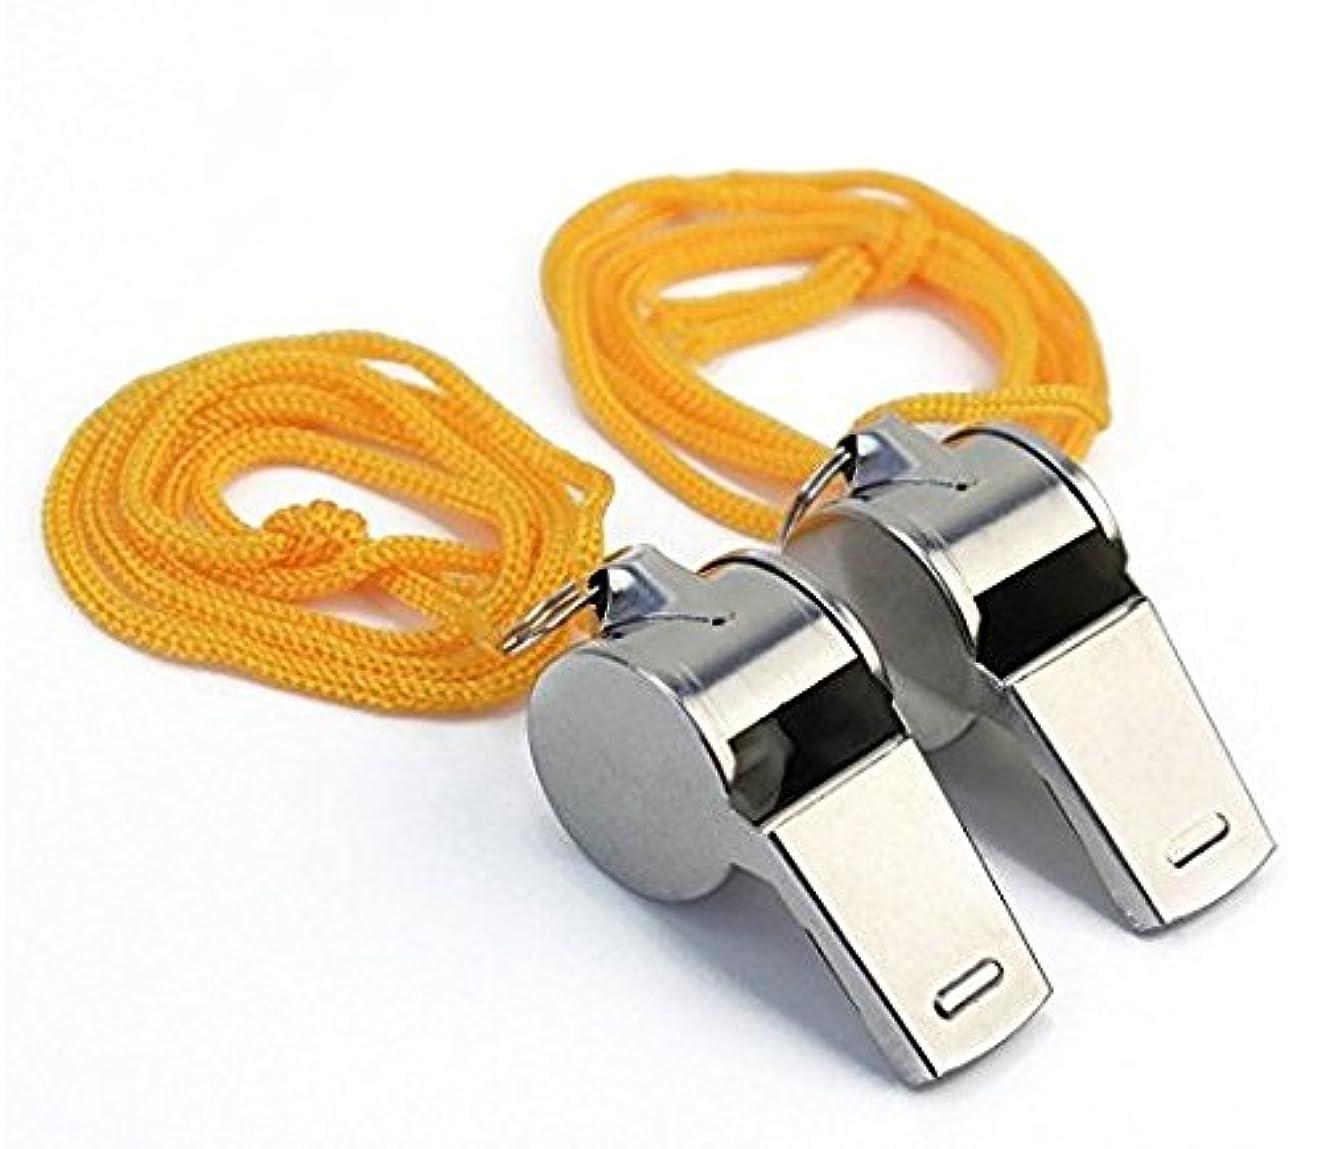 驚くばかり入場種をまくTAKIの部屋 ホイッスル ロープ付き スポーツ アウトドア アクセサリー 競技備品 審判用品 安全対策 サバイバル ヘミングアイアン 2pcs